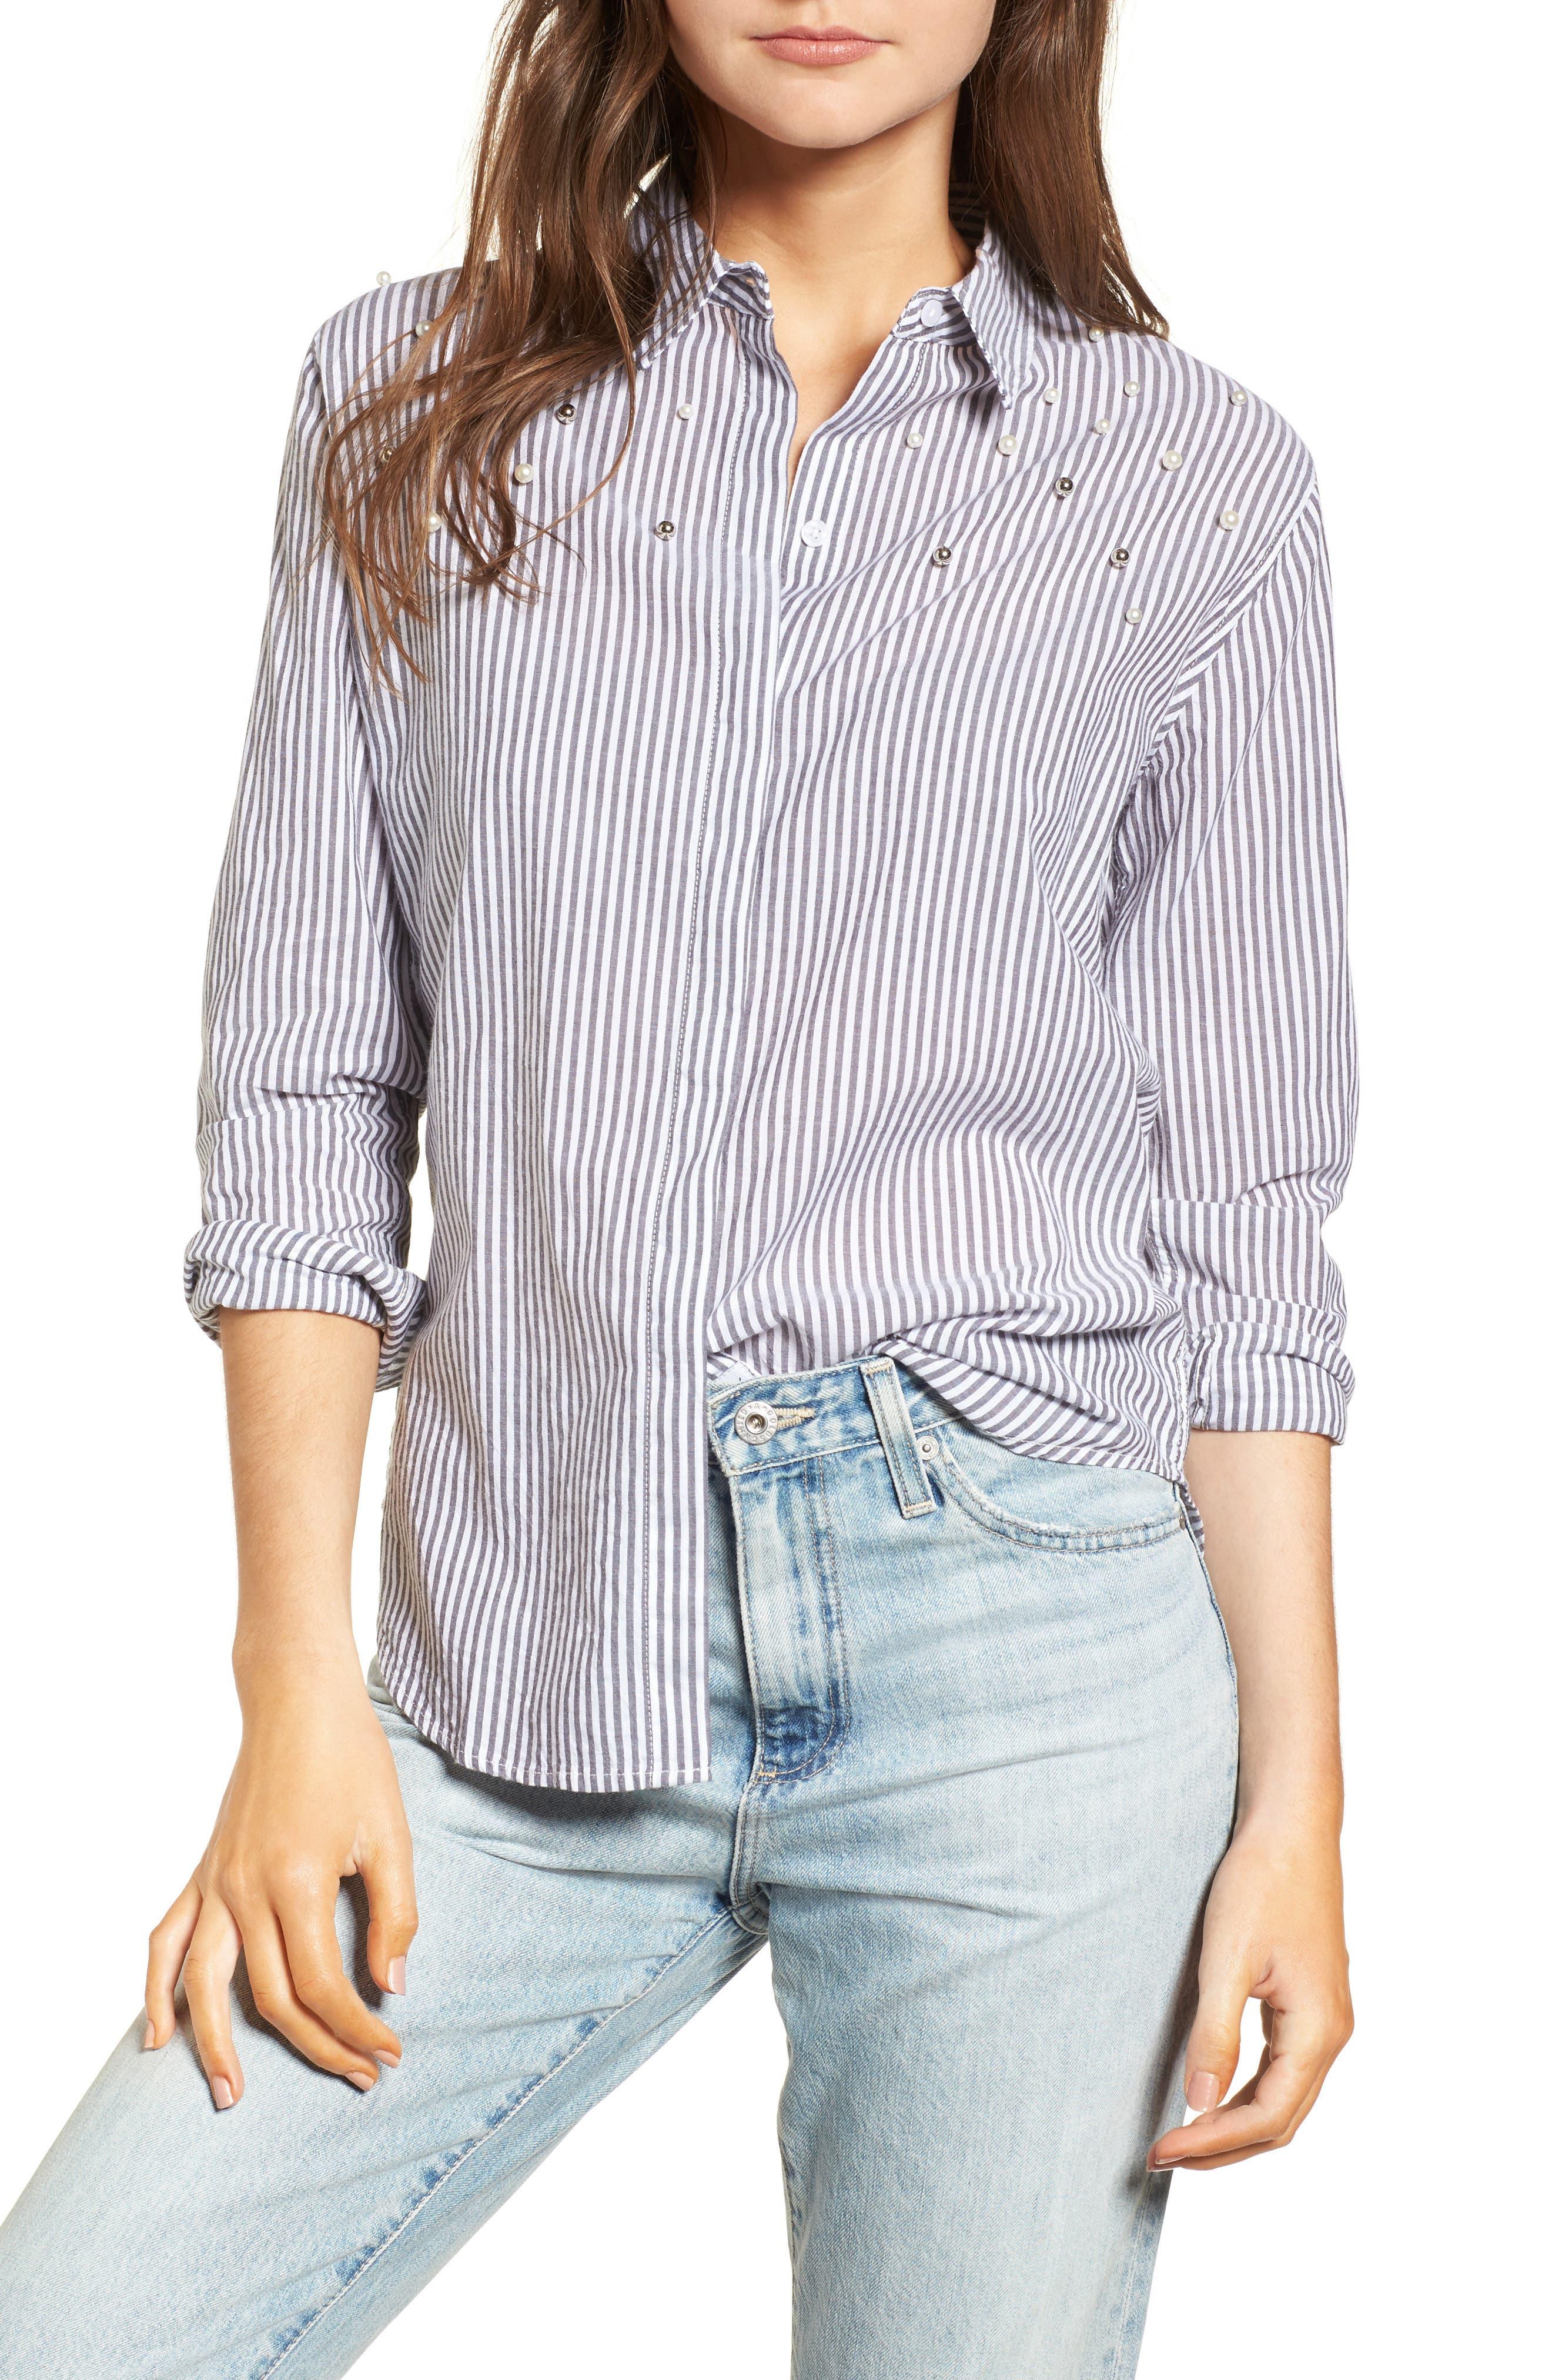 Taylor Embellished Shirt,                             Main thumbnail 1, color,                             022